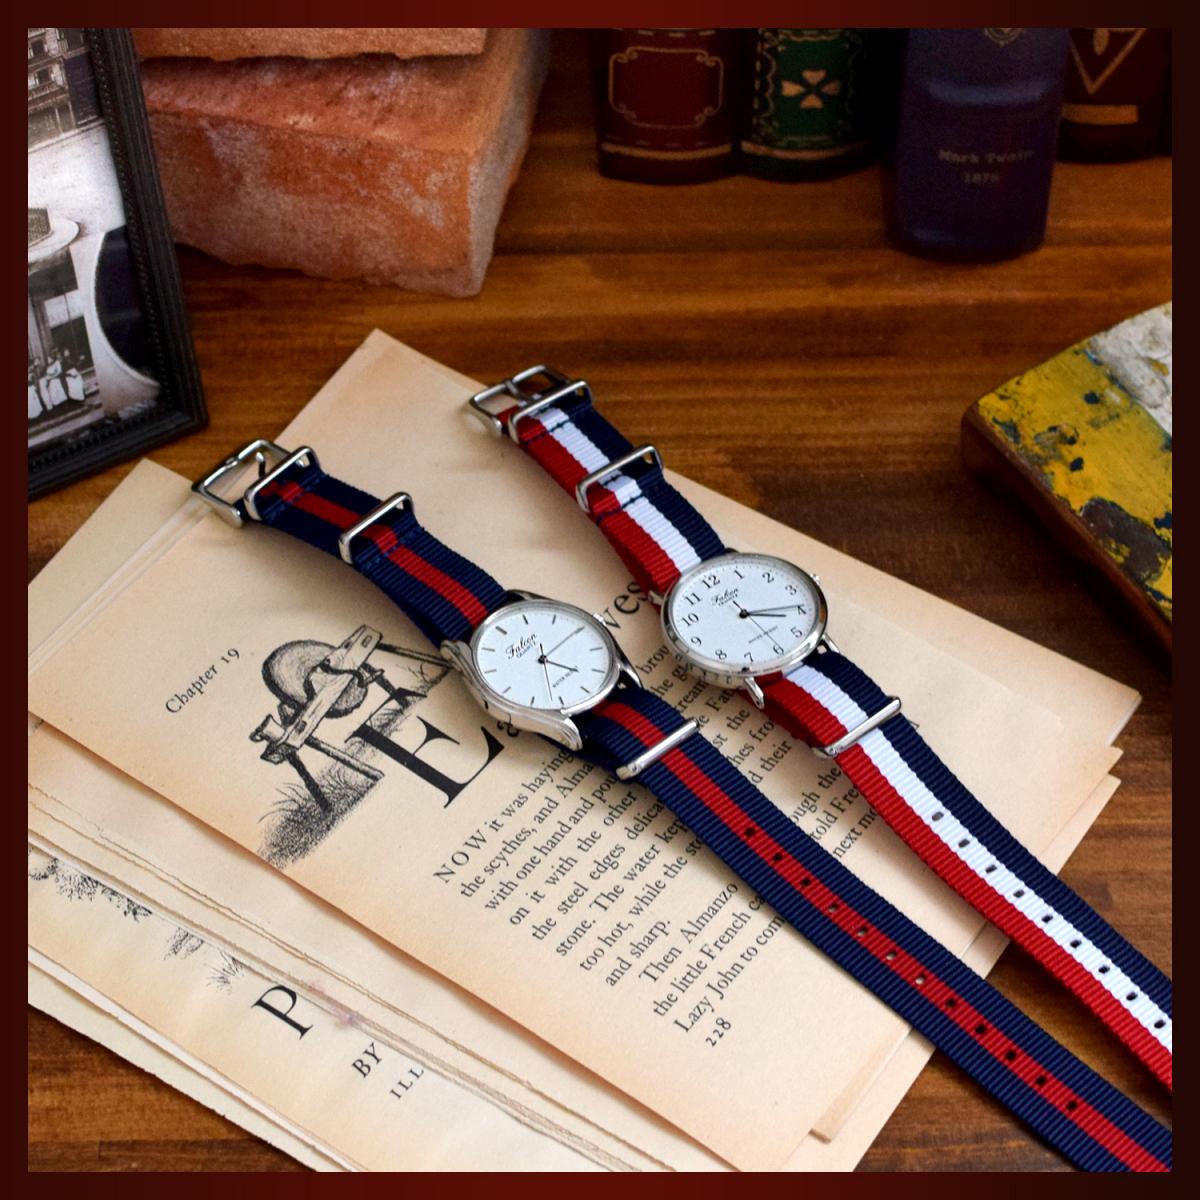 時計ベルト16mm 4本セット NATO ゴールドバックル ショートサイズ 取付けマニュアル 腕時計バンドセット売り_画像6